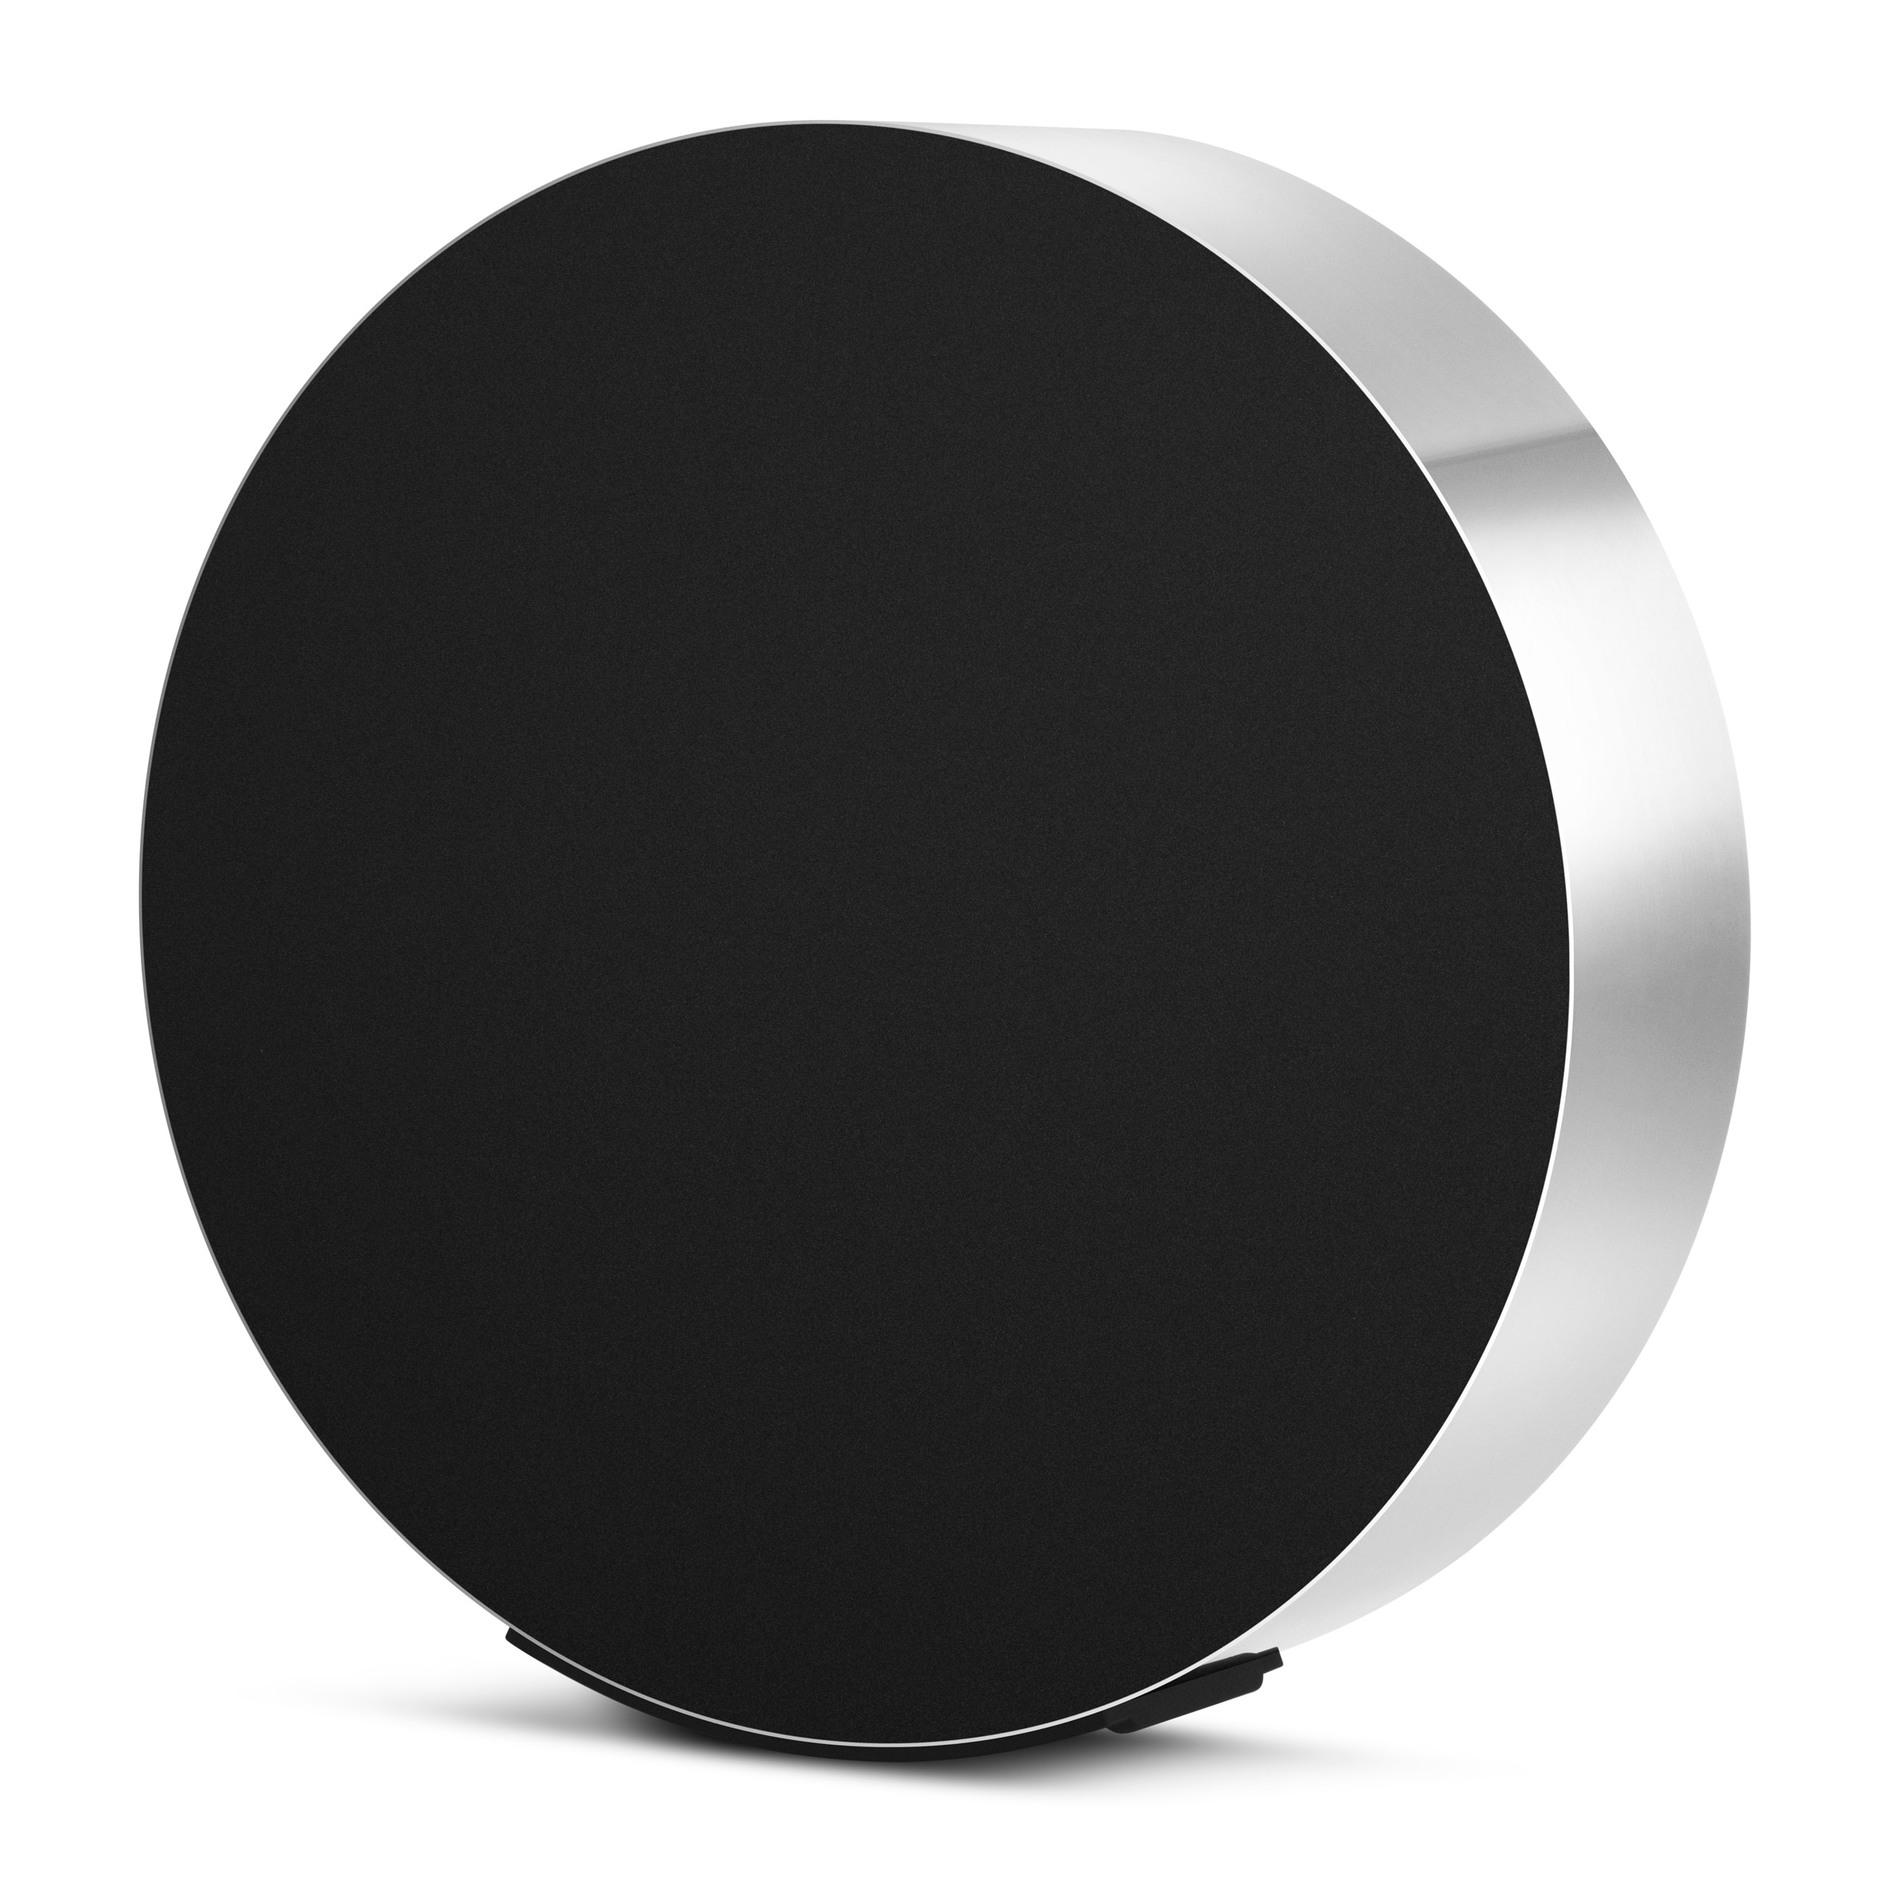 Изобрели колесо! Новая аудиоколонка Майкла Анастассиадеса для Bang & Olufsen (галерея 2, фото 2)